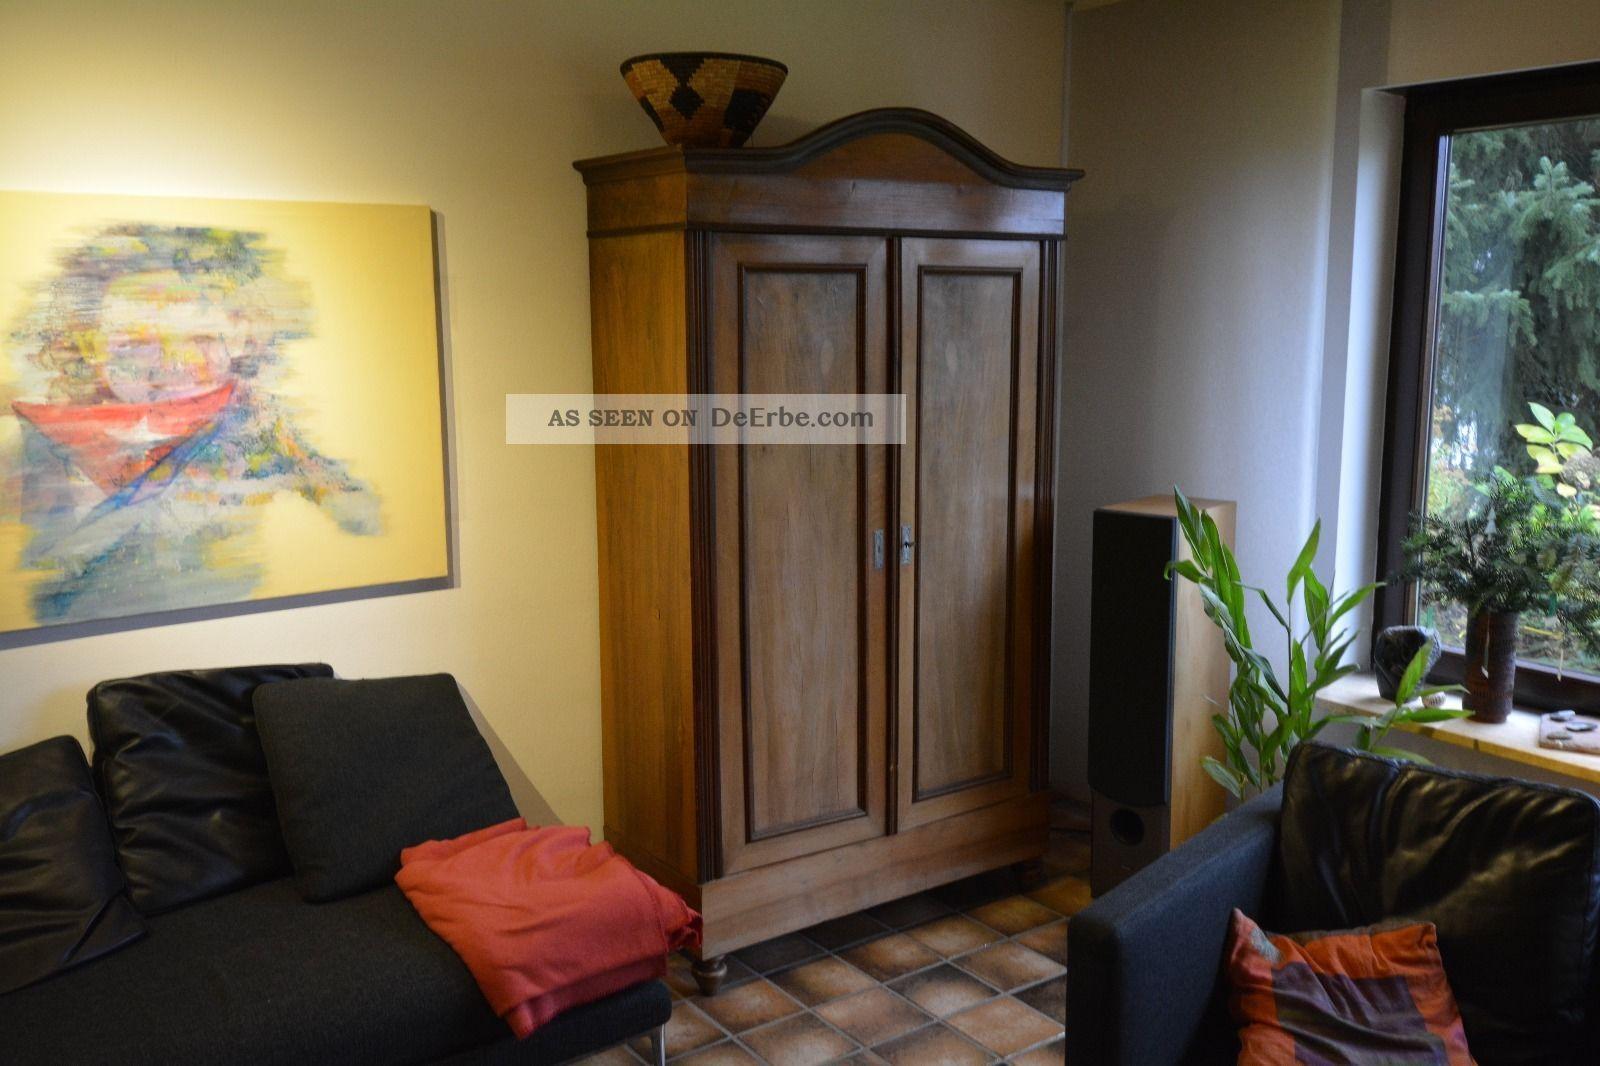 sch ner antiker schrank gr nderzeit inneneinrichtung f r multimedia ca 1900. Black Bedroom Furniture Sets. Home Design Ideas